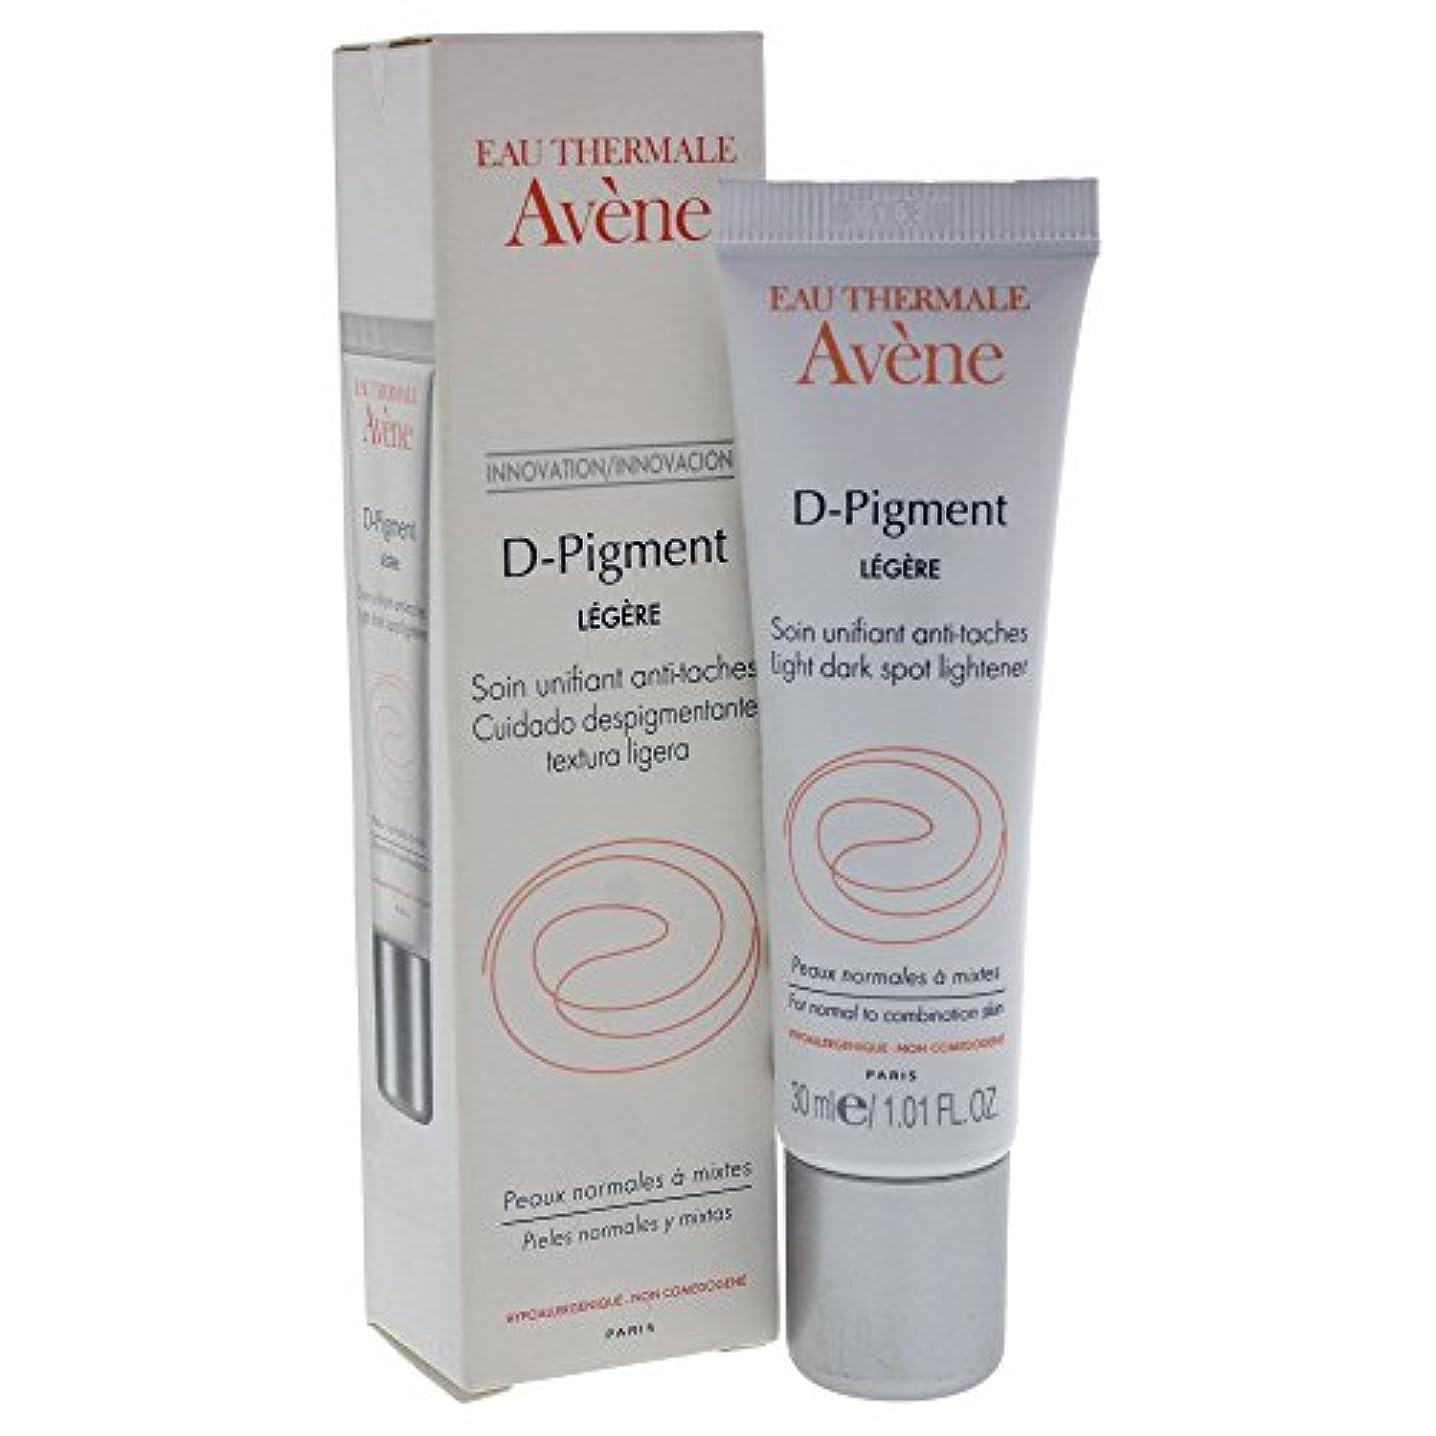 Avene D-pigment Light 30ml [並行輸入品]